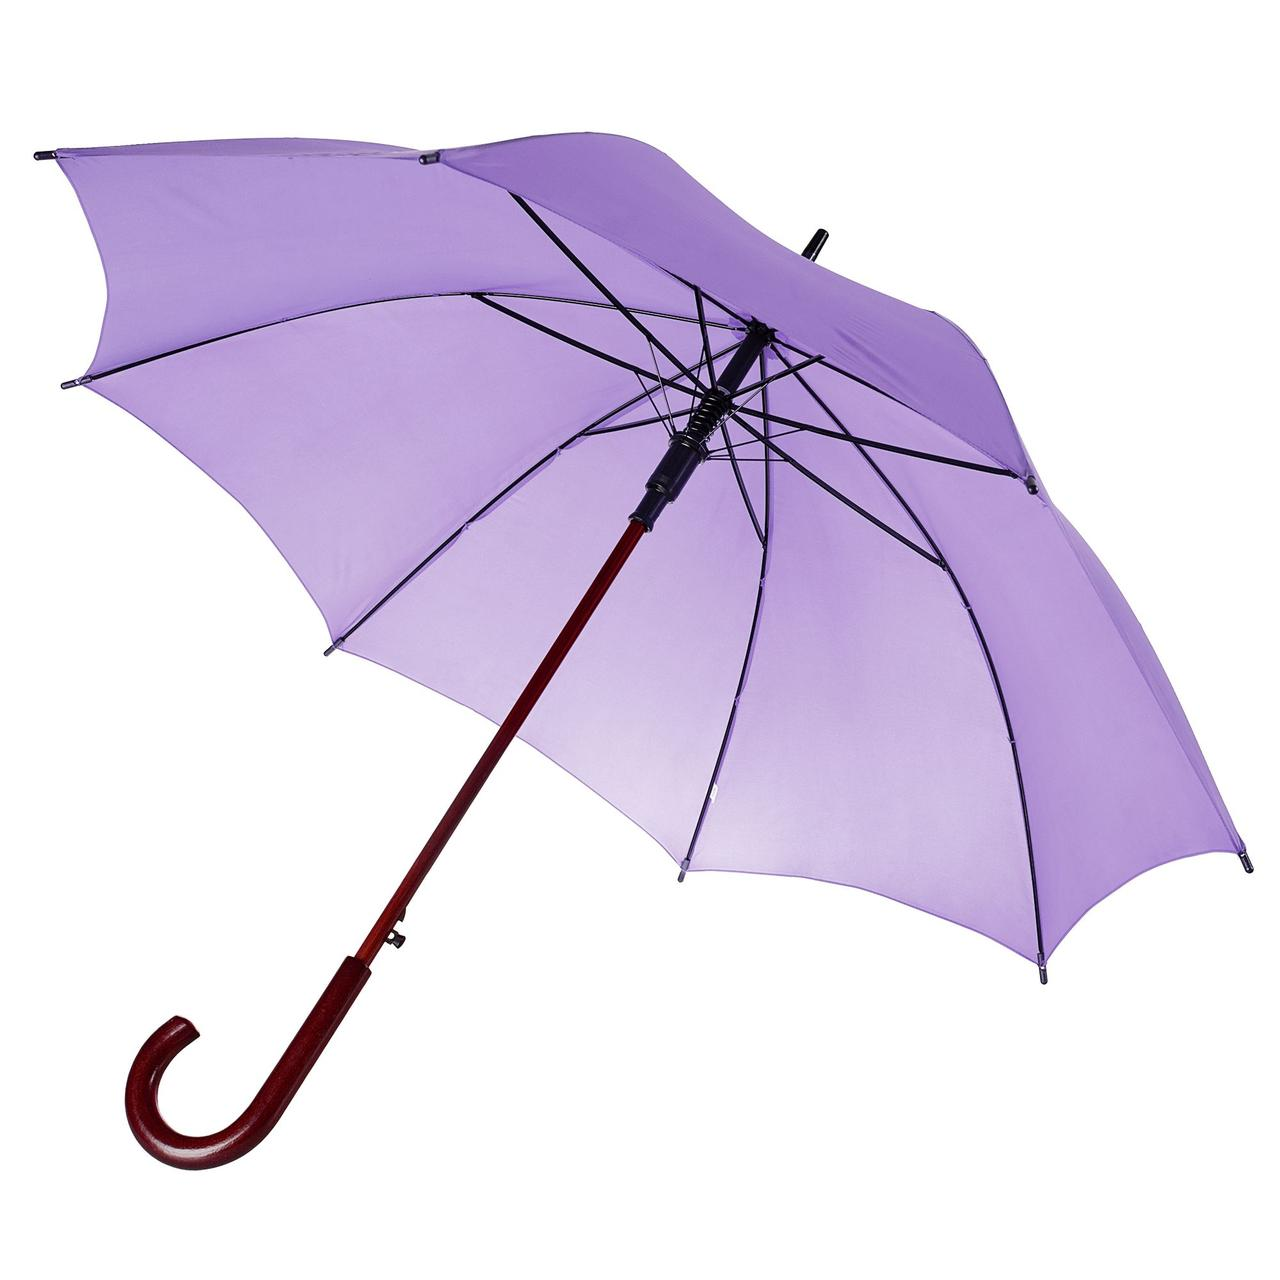 Зонт-трость Unit Standard, сиреневый (артикул 393.71)